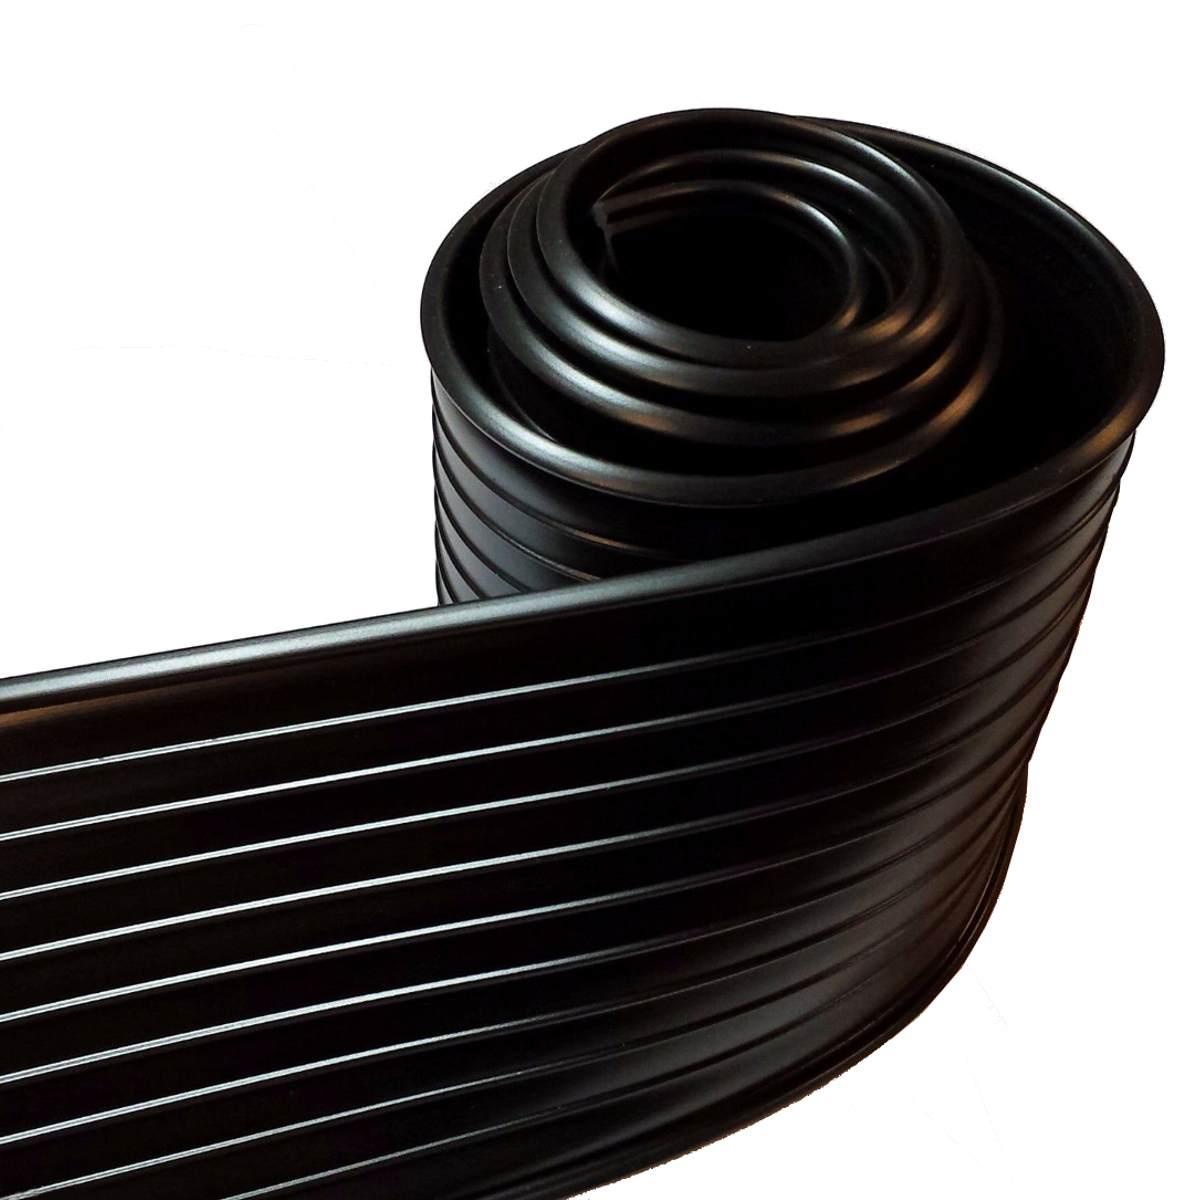 Garage Door Rubber Seal >> Us 18 35 47 Off 3 5 5 5m Garage Door Bottom Seal Weather Stripping Rubber Seal Strip Electric Door Bottom Water Smoke Noise Seal Bumper Strip In